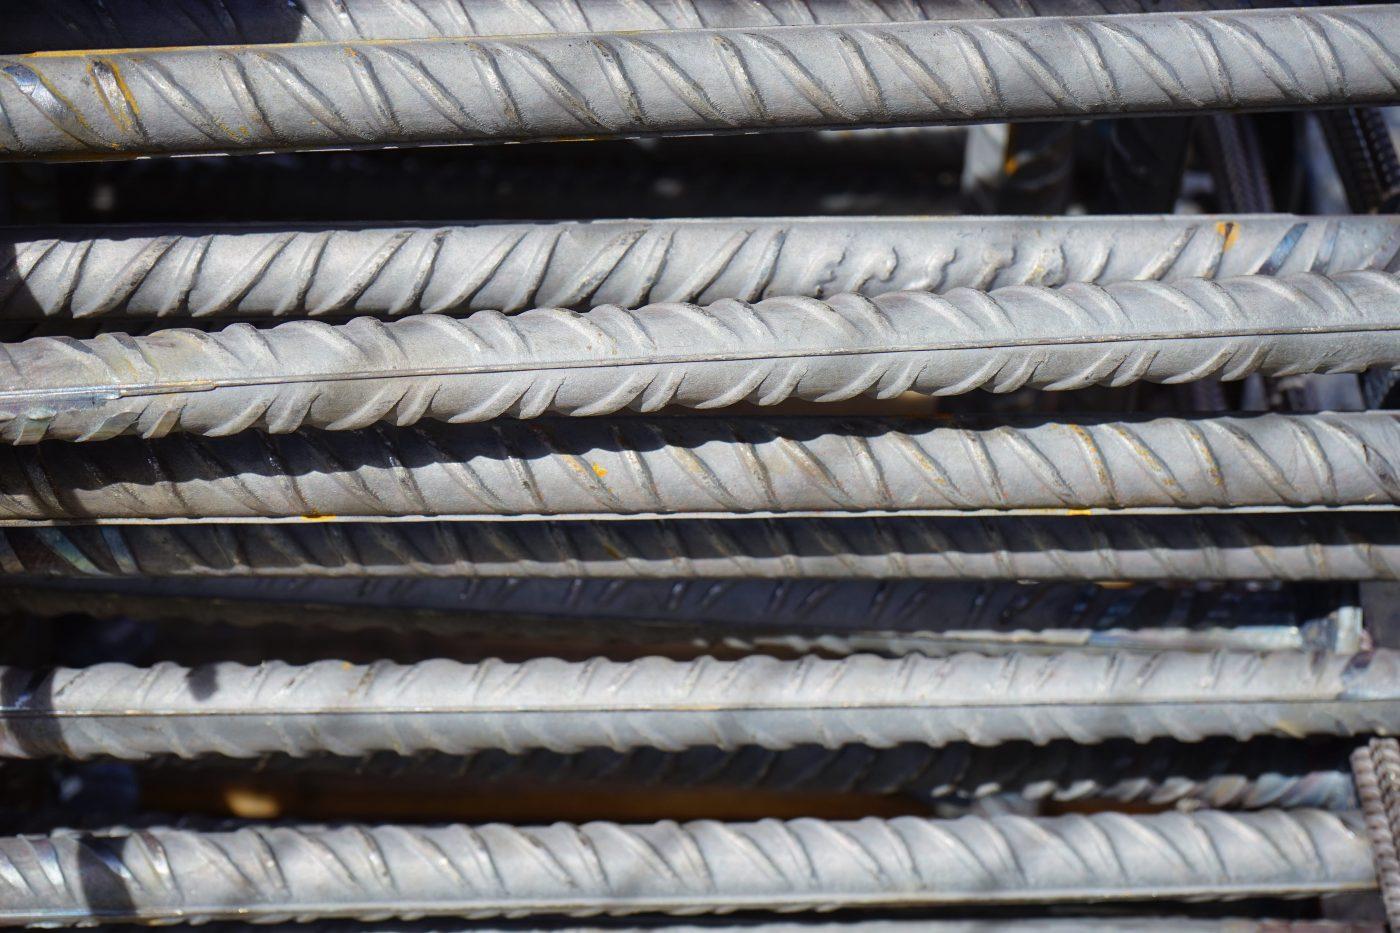 zdjęcie zbrojenia stalowego pręty zbrojeniowe